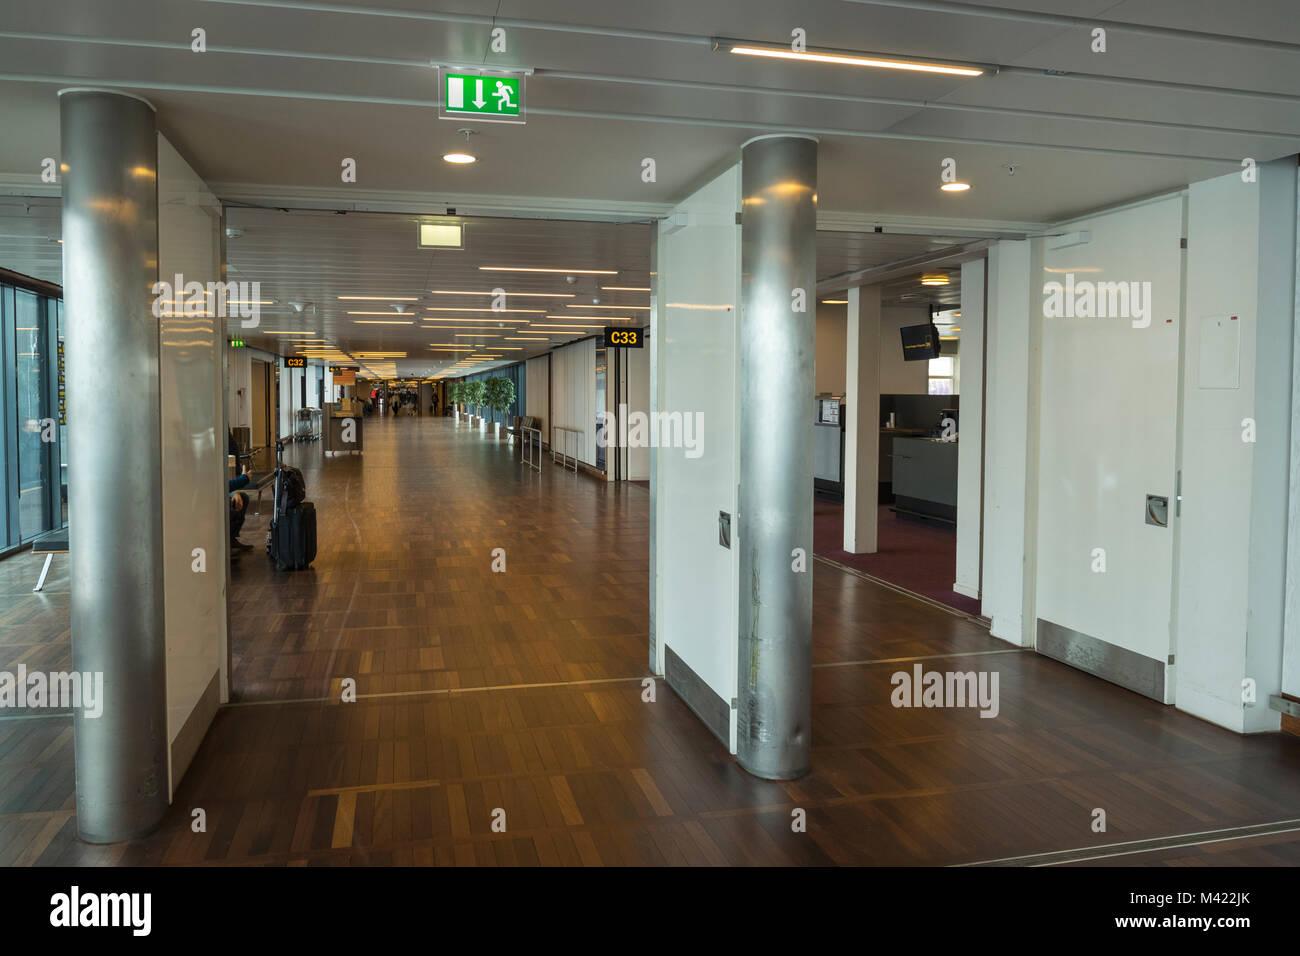 Korridore in Københavns lufthavn Stockbild